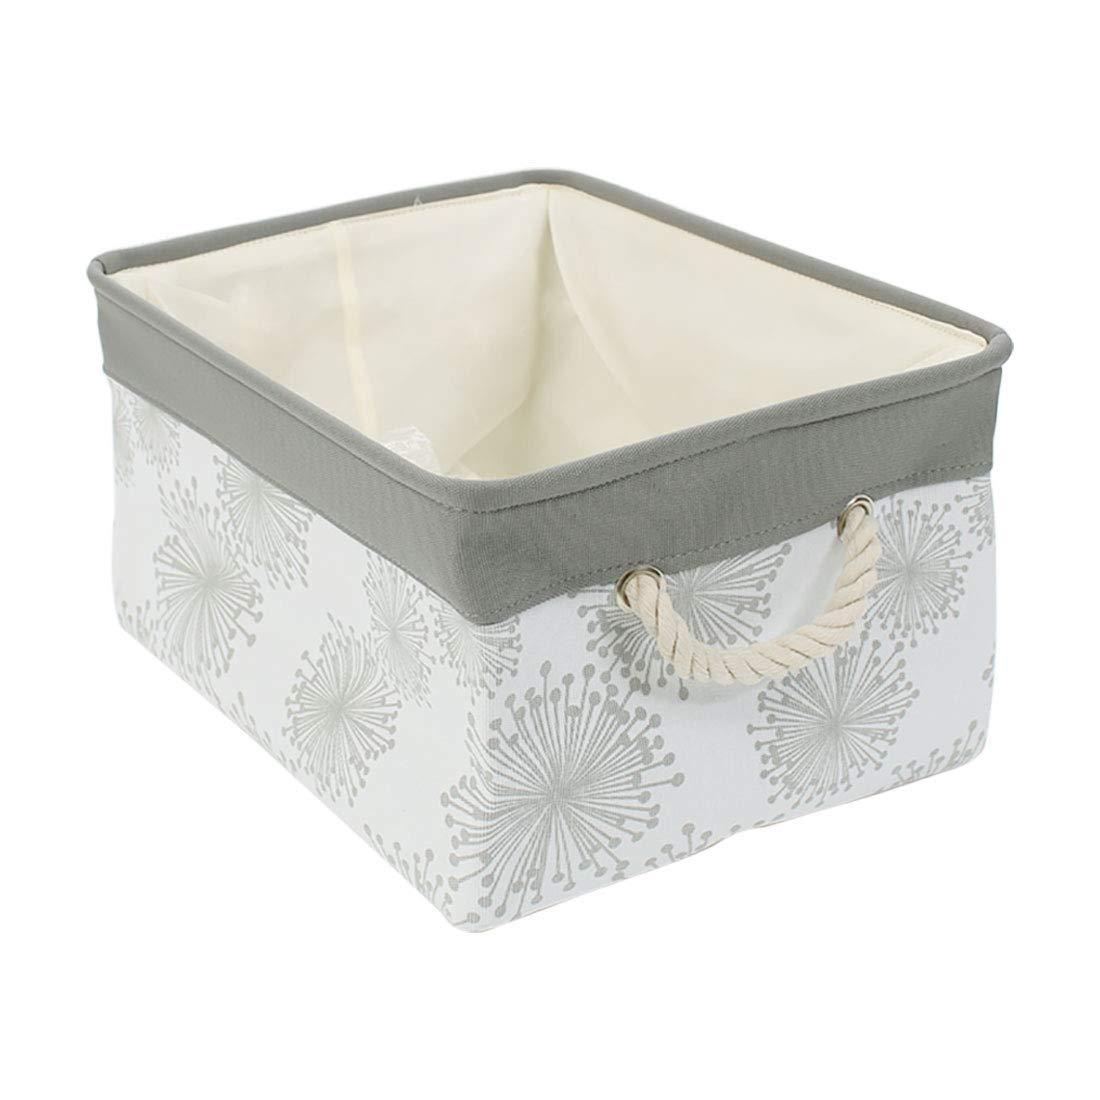 Gorgeous BEYONDY Storage Bins Fabric Arlington Mall Bin Baskets La Towel